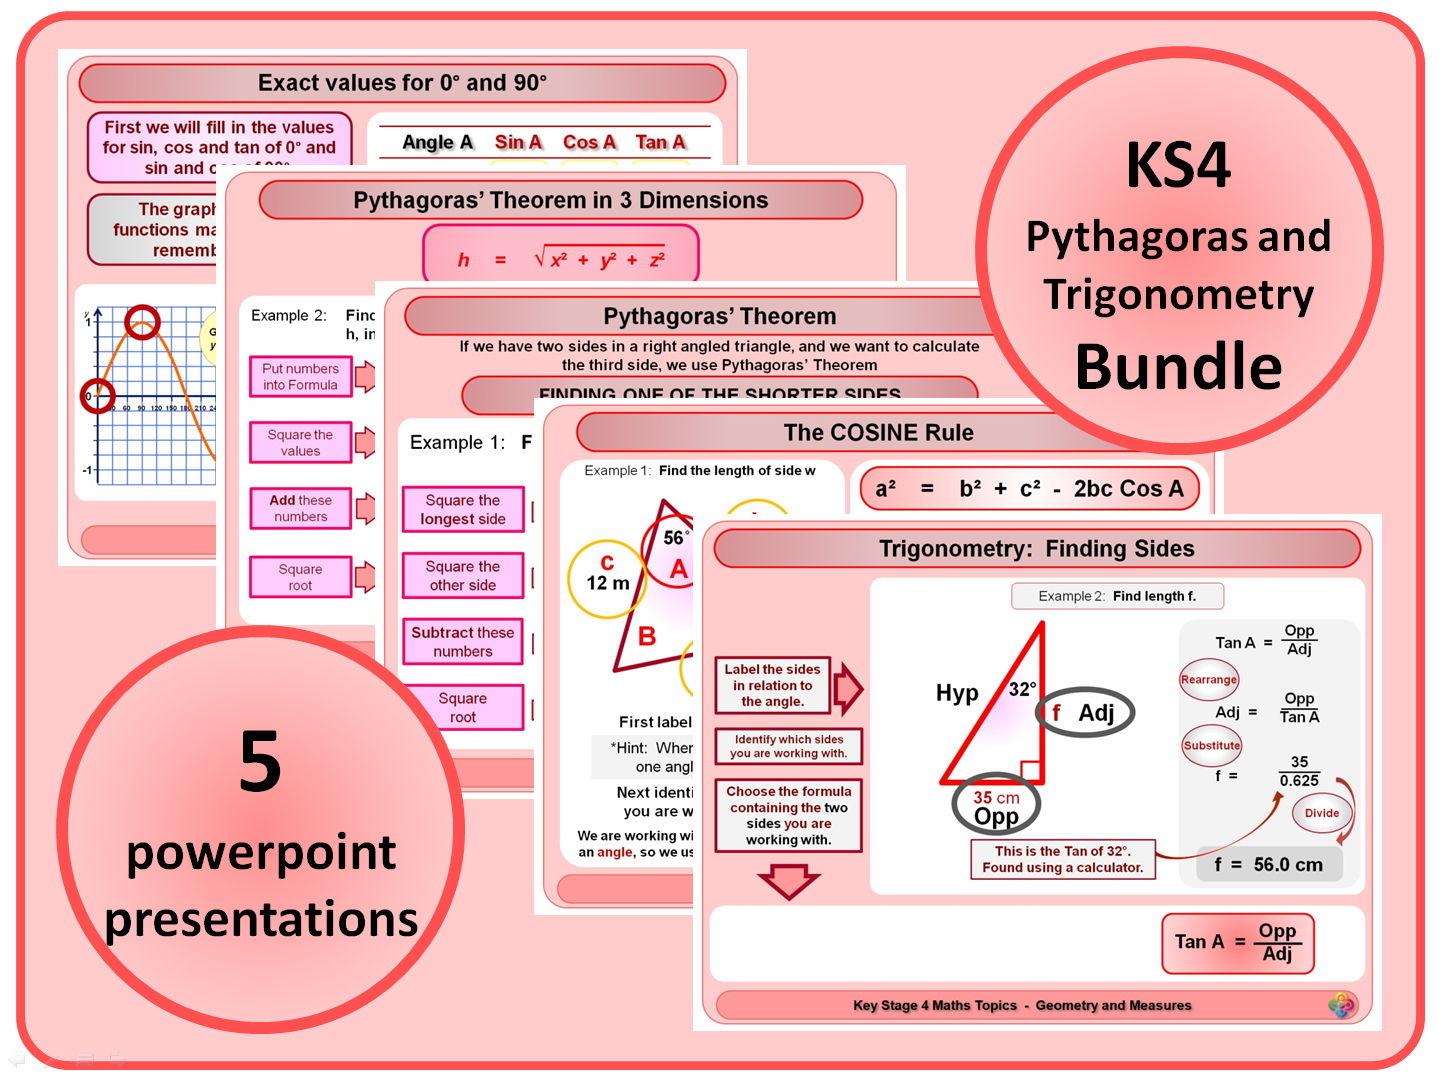 Ks4 Pythagoras And Trigonometry Bundle